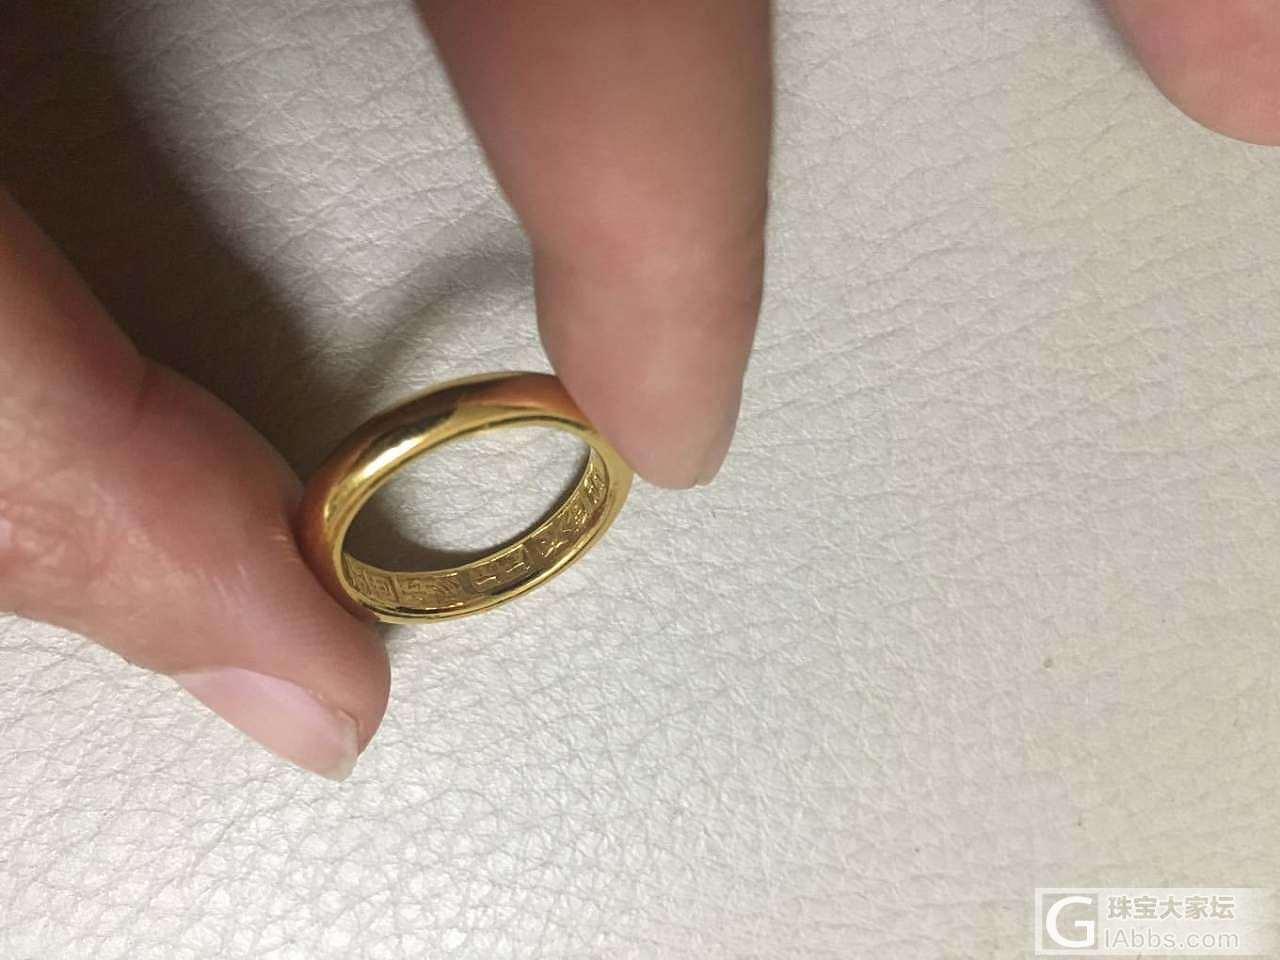 没有人喜欢小珍的泥鳅背戒指吗?